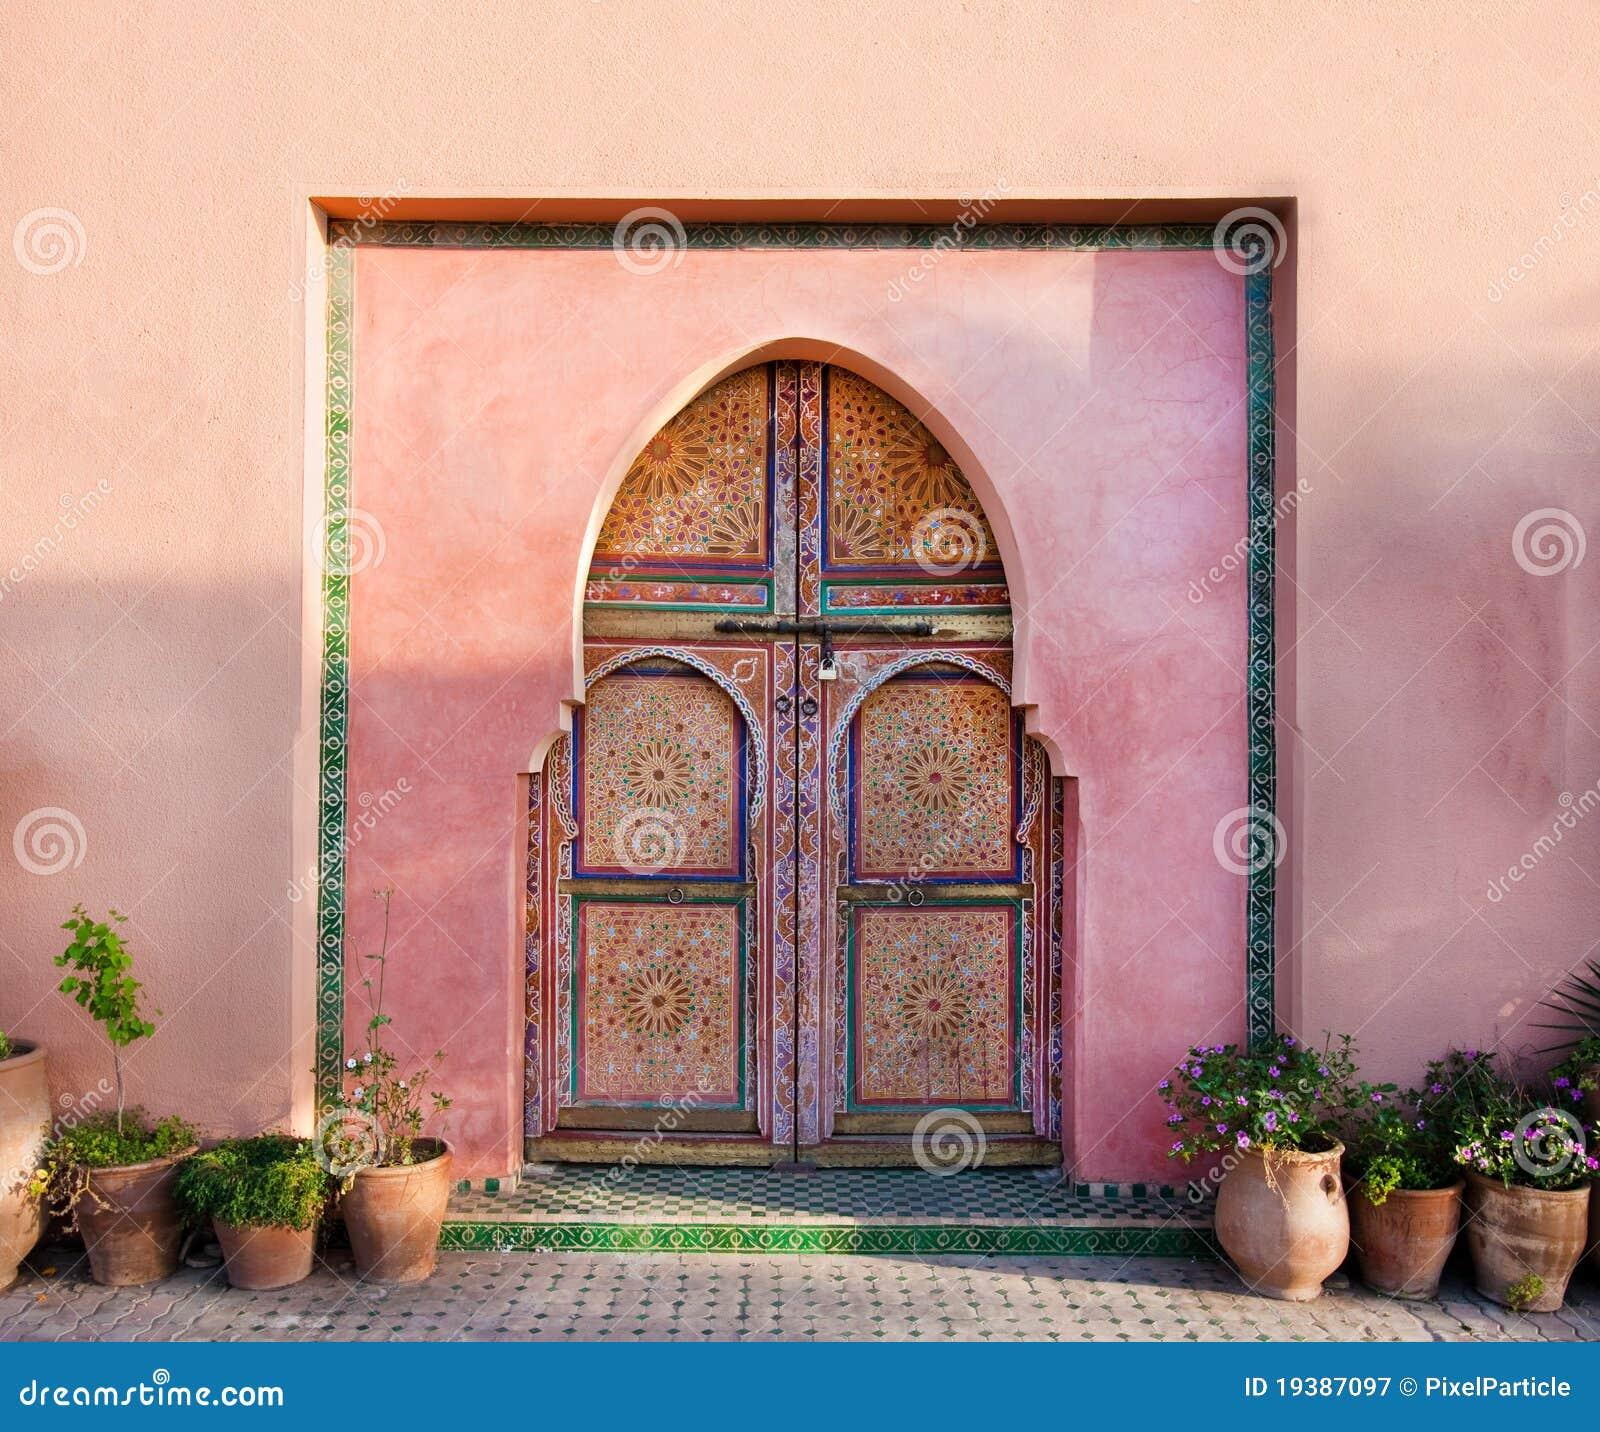 orientalische arabische wand mit t ren lizenzfreie stockfotografie bild 19387097. Black Bedroom Furniture Sets. Home Design Ideas